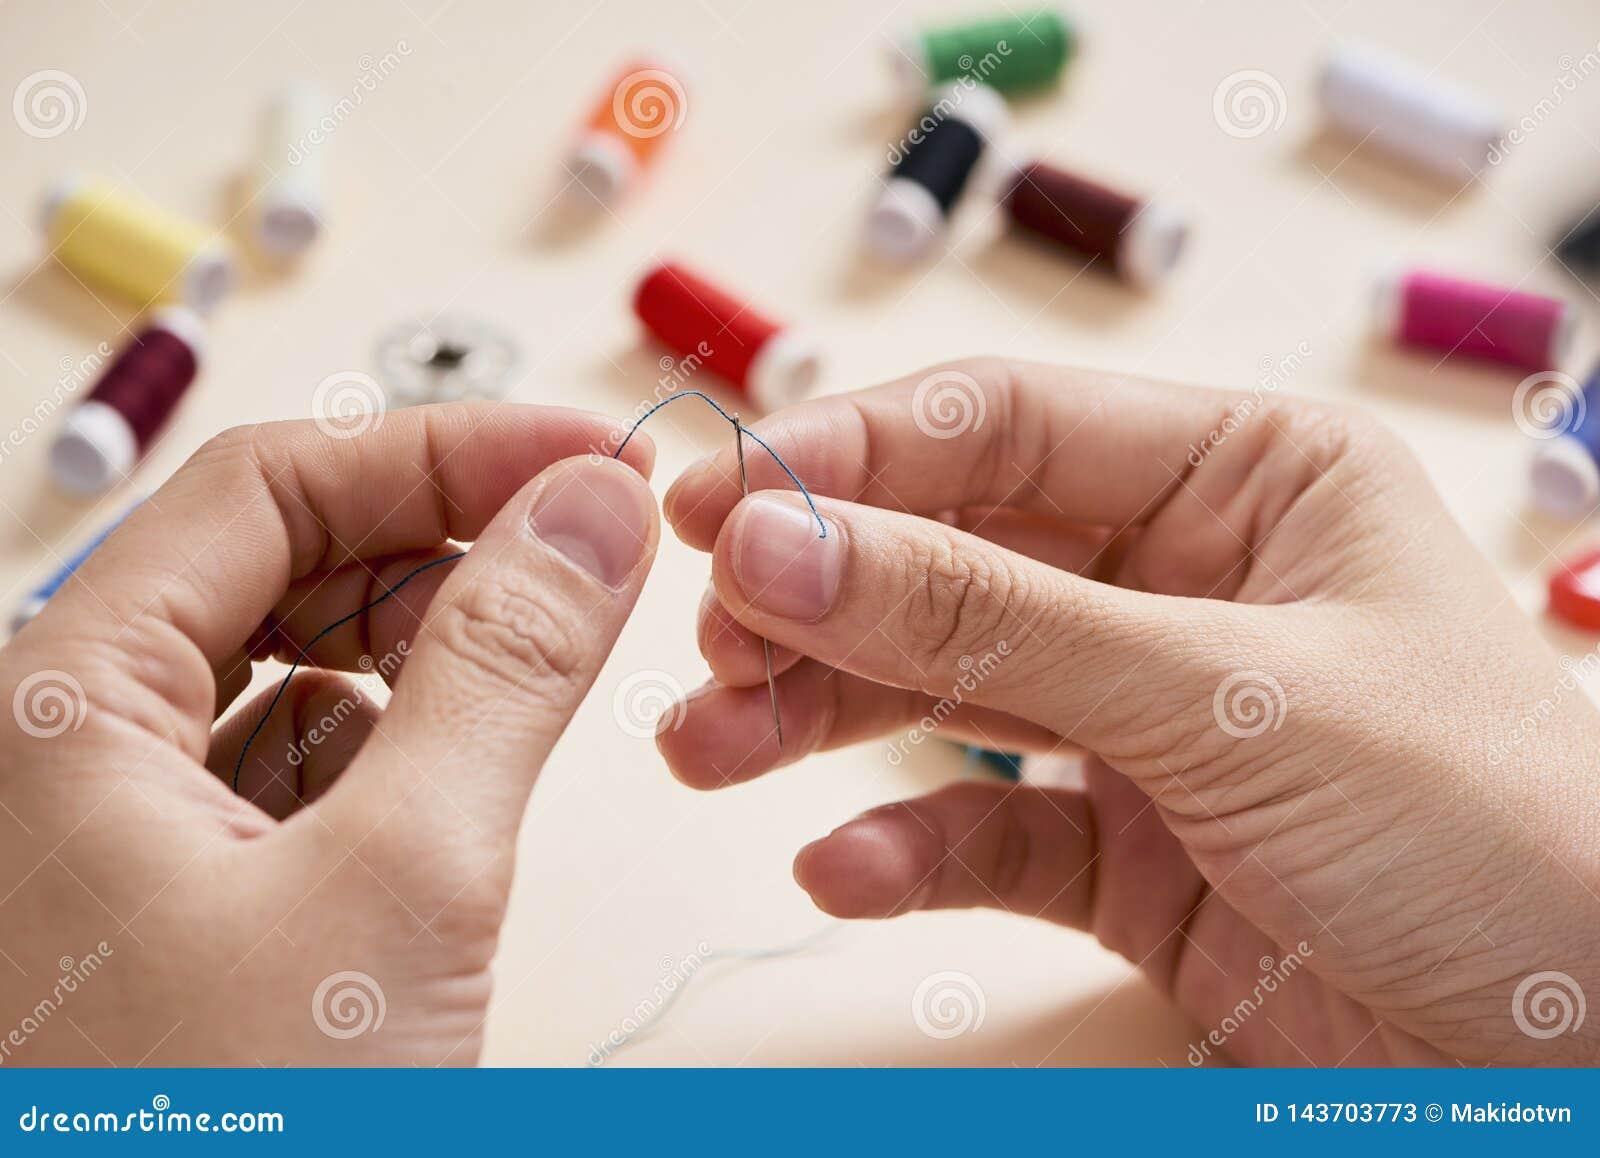 Ziehen hand fäden die Fäden